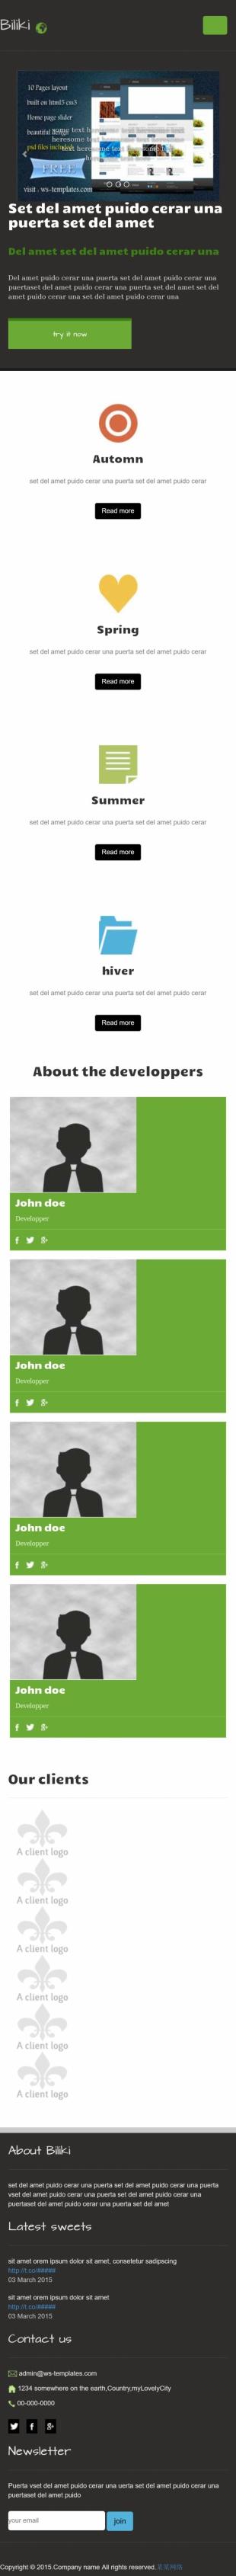 网站页面设计类首页英文模板网站制作手机图片